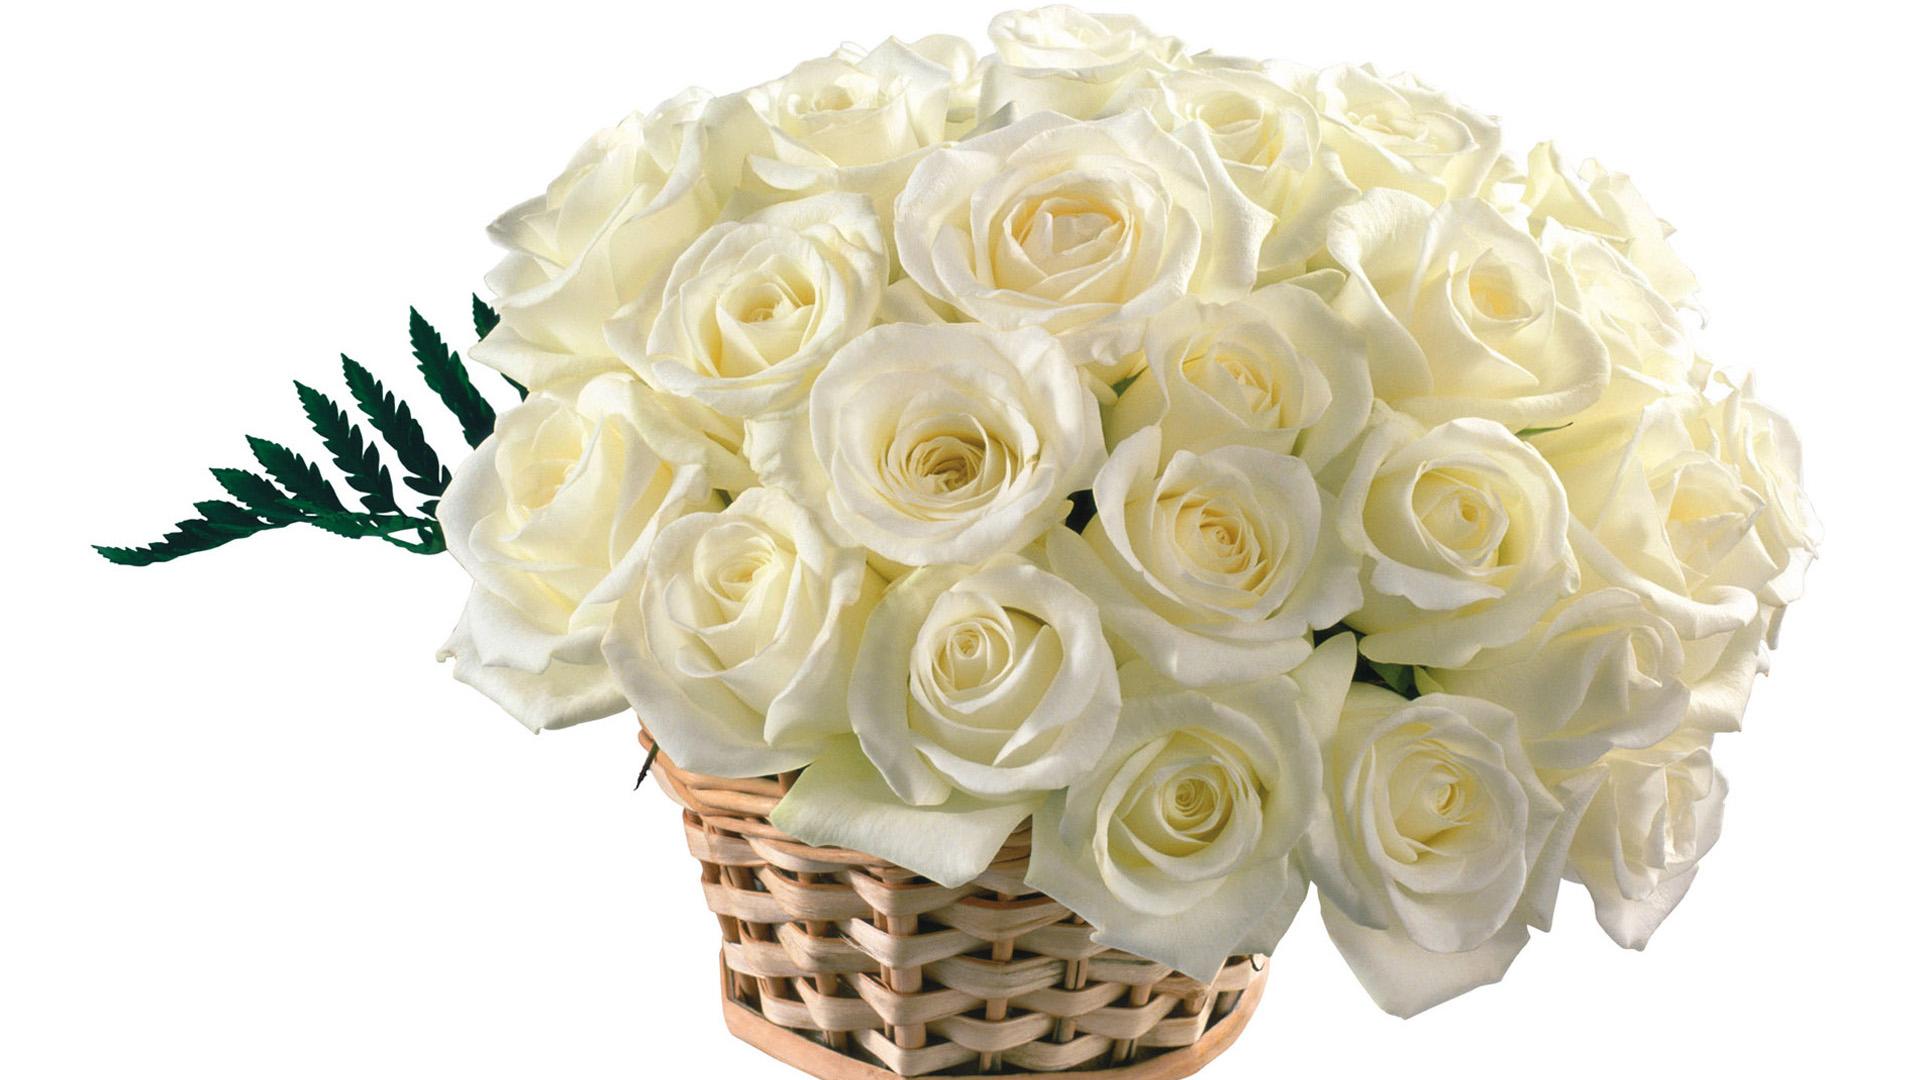 White Rose Wallpaper 023